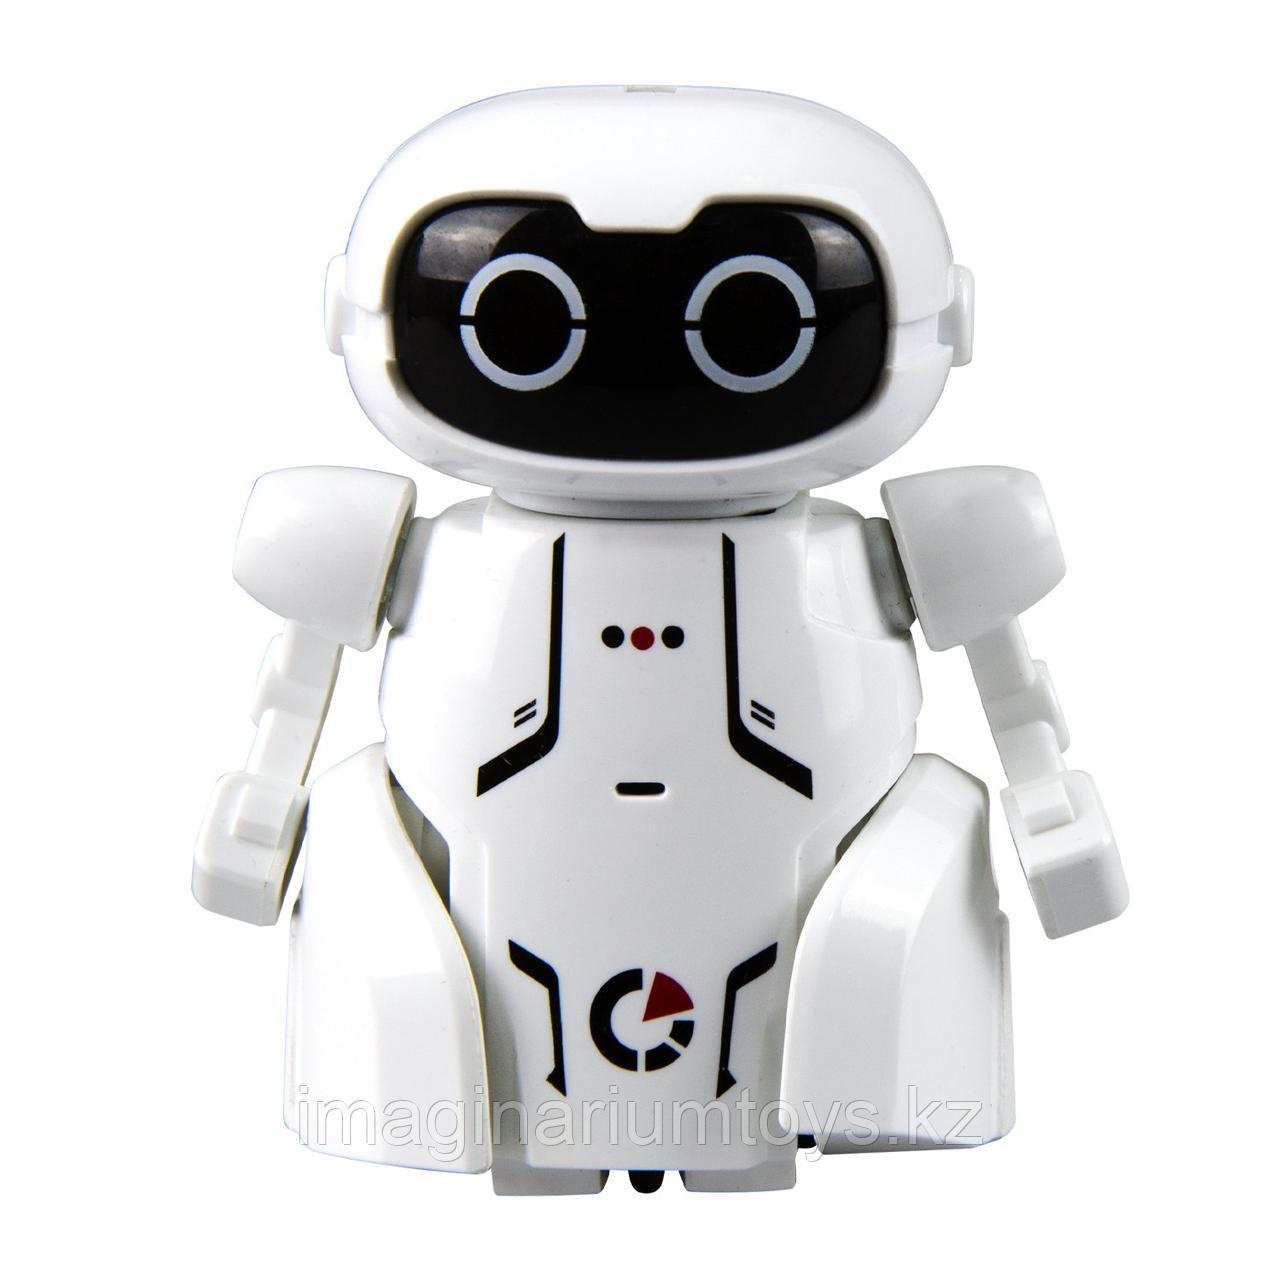 Робот мини Silverlit Мейз Брейкер